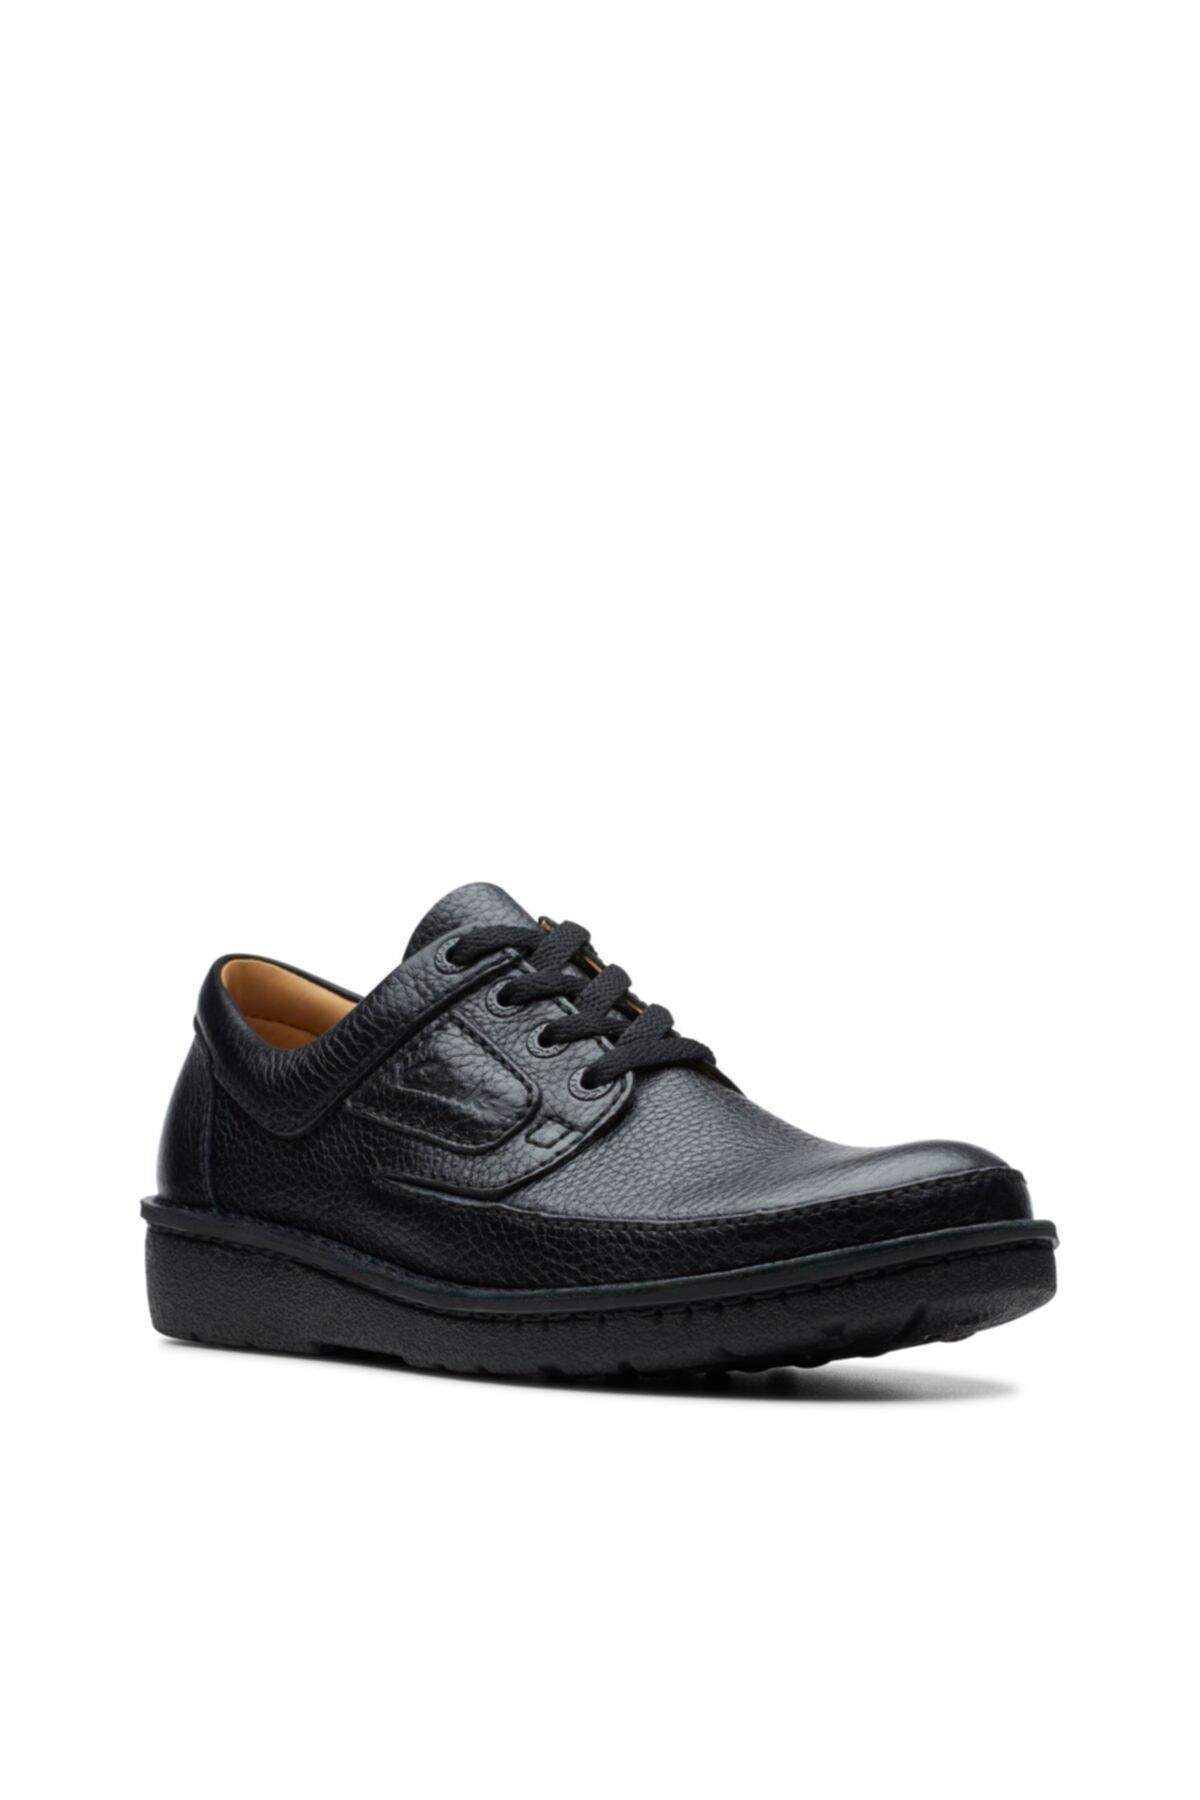 CLARKS Erkek Ayakkabı Active Air Siyah Ürün Adı Nature Iı 2